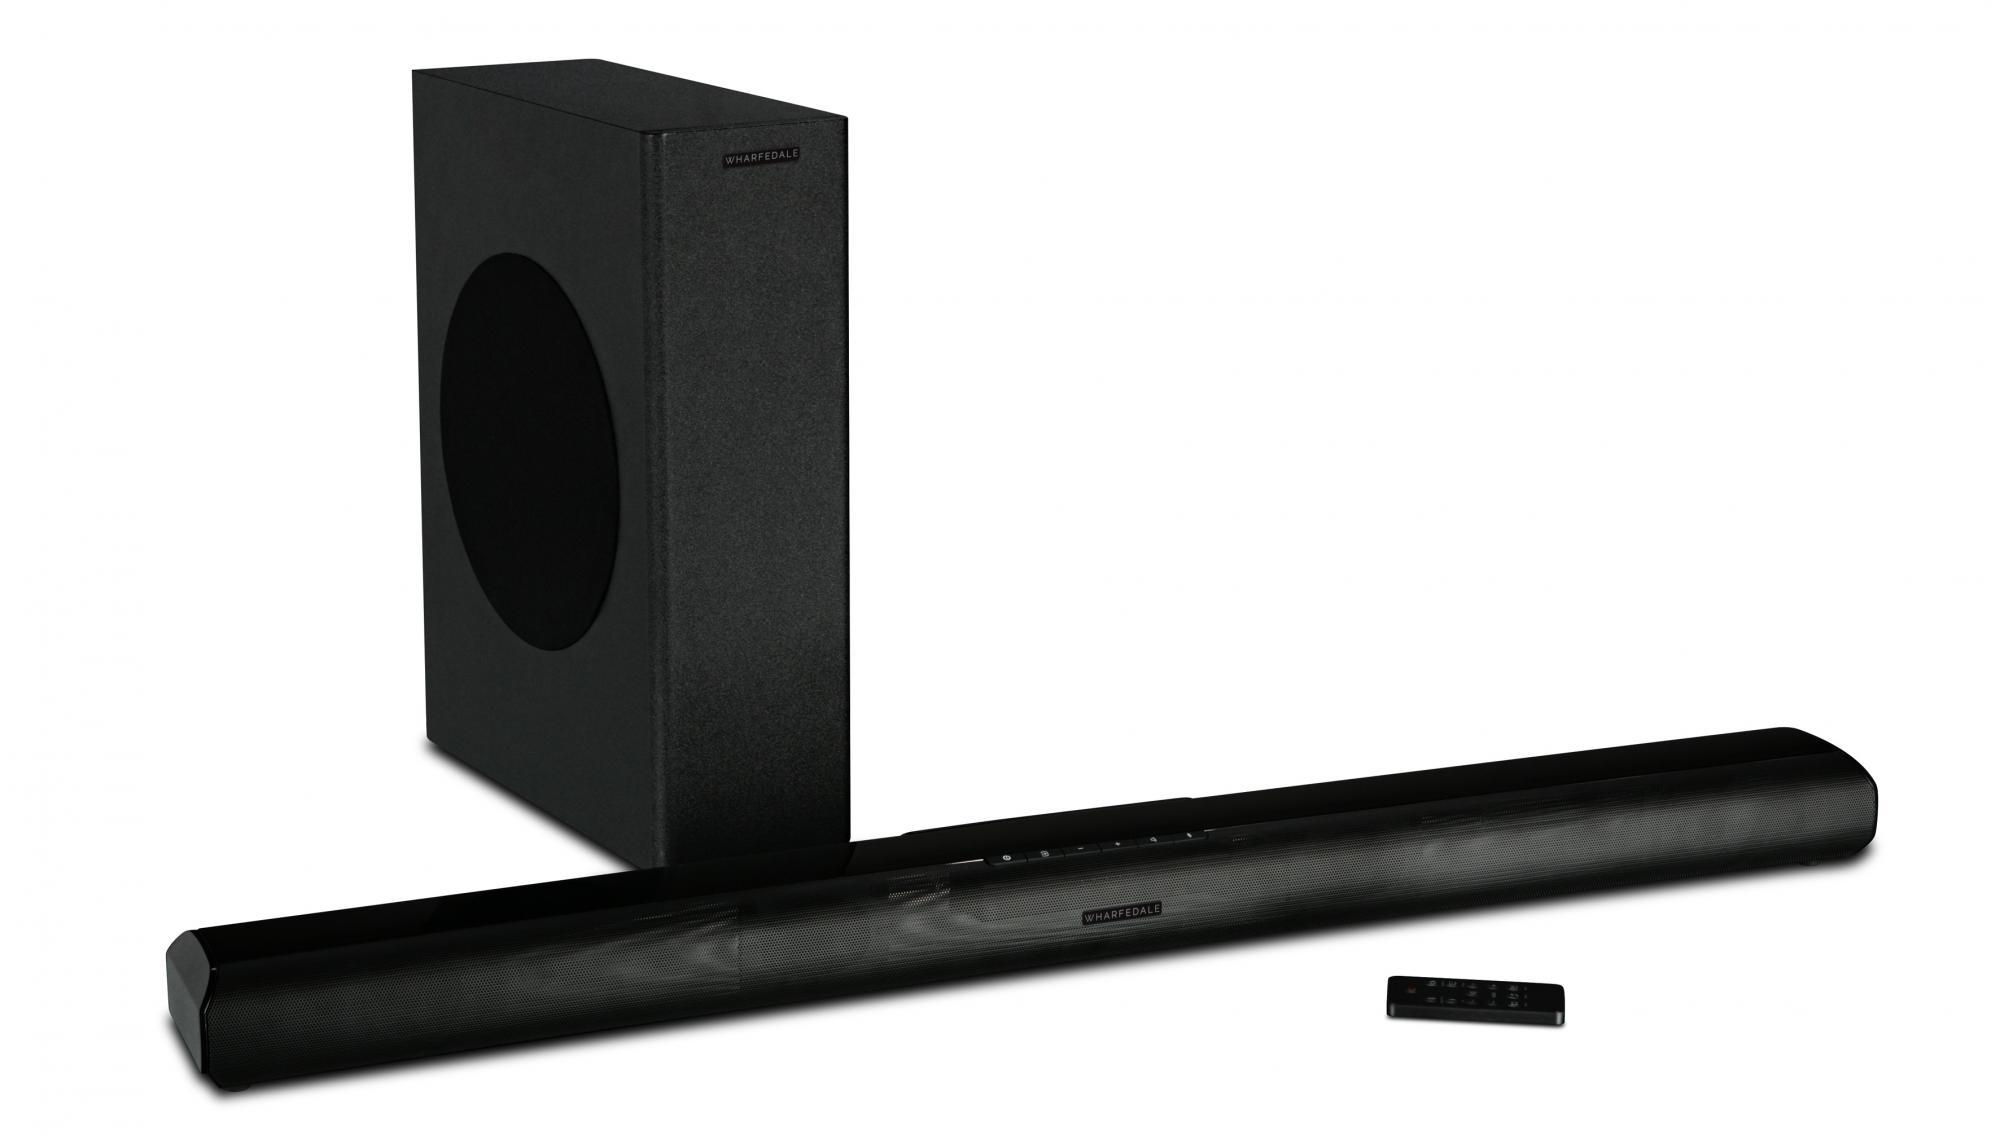 Wharfedale Vista 200S Soundbar Review